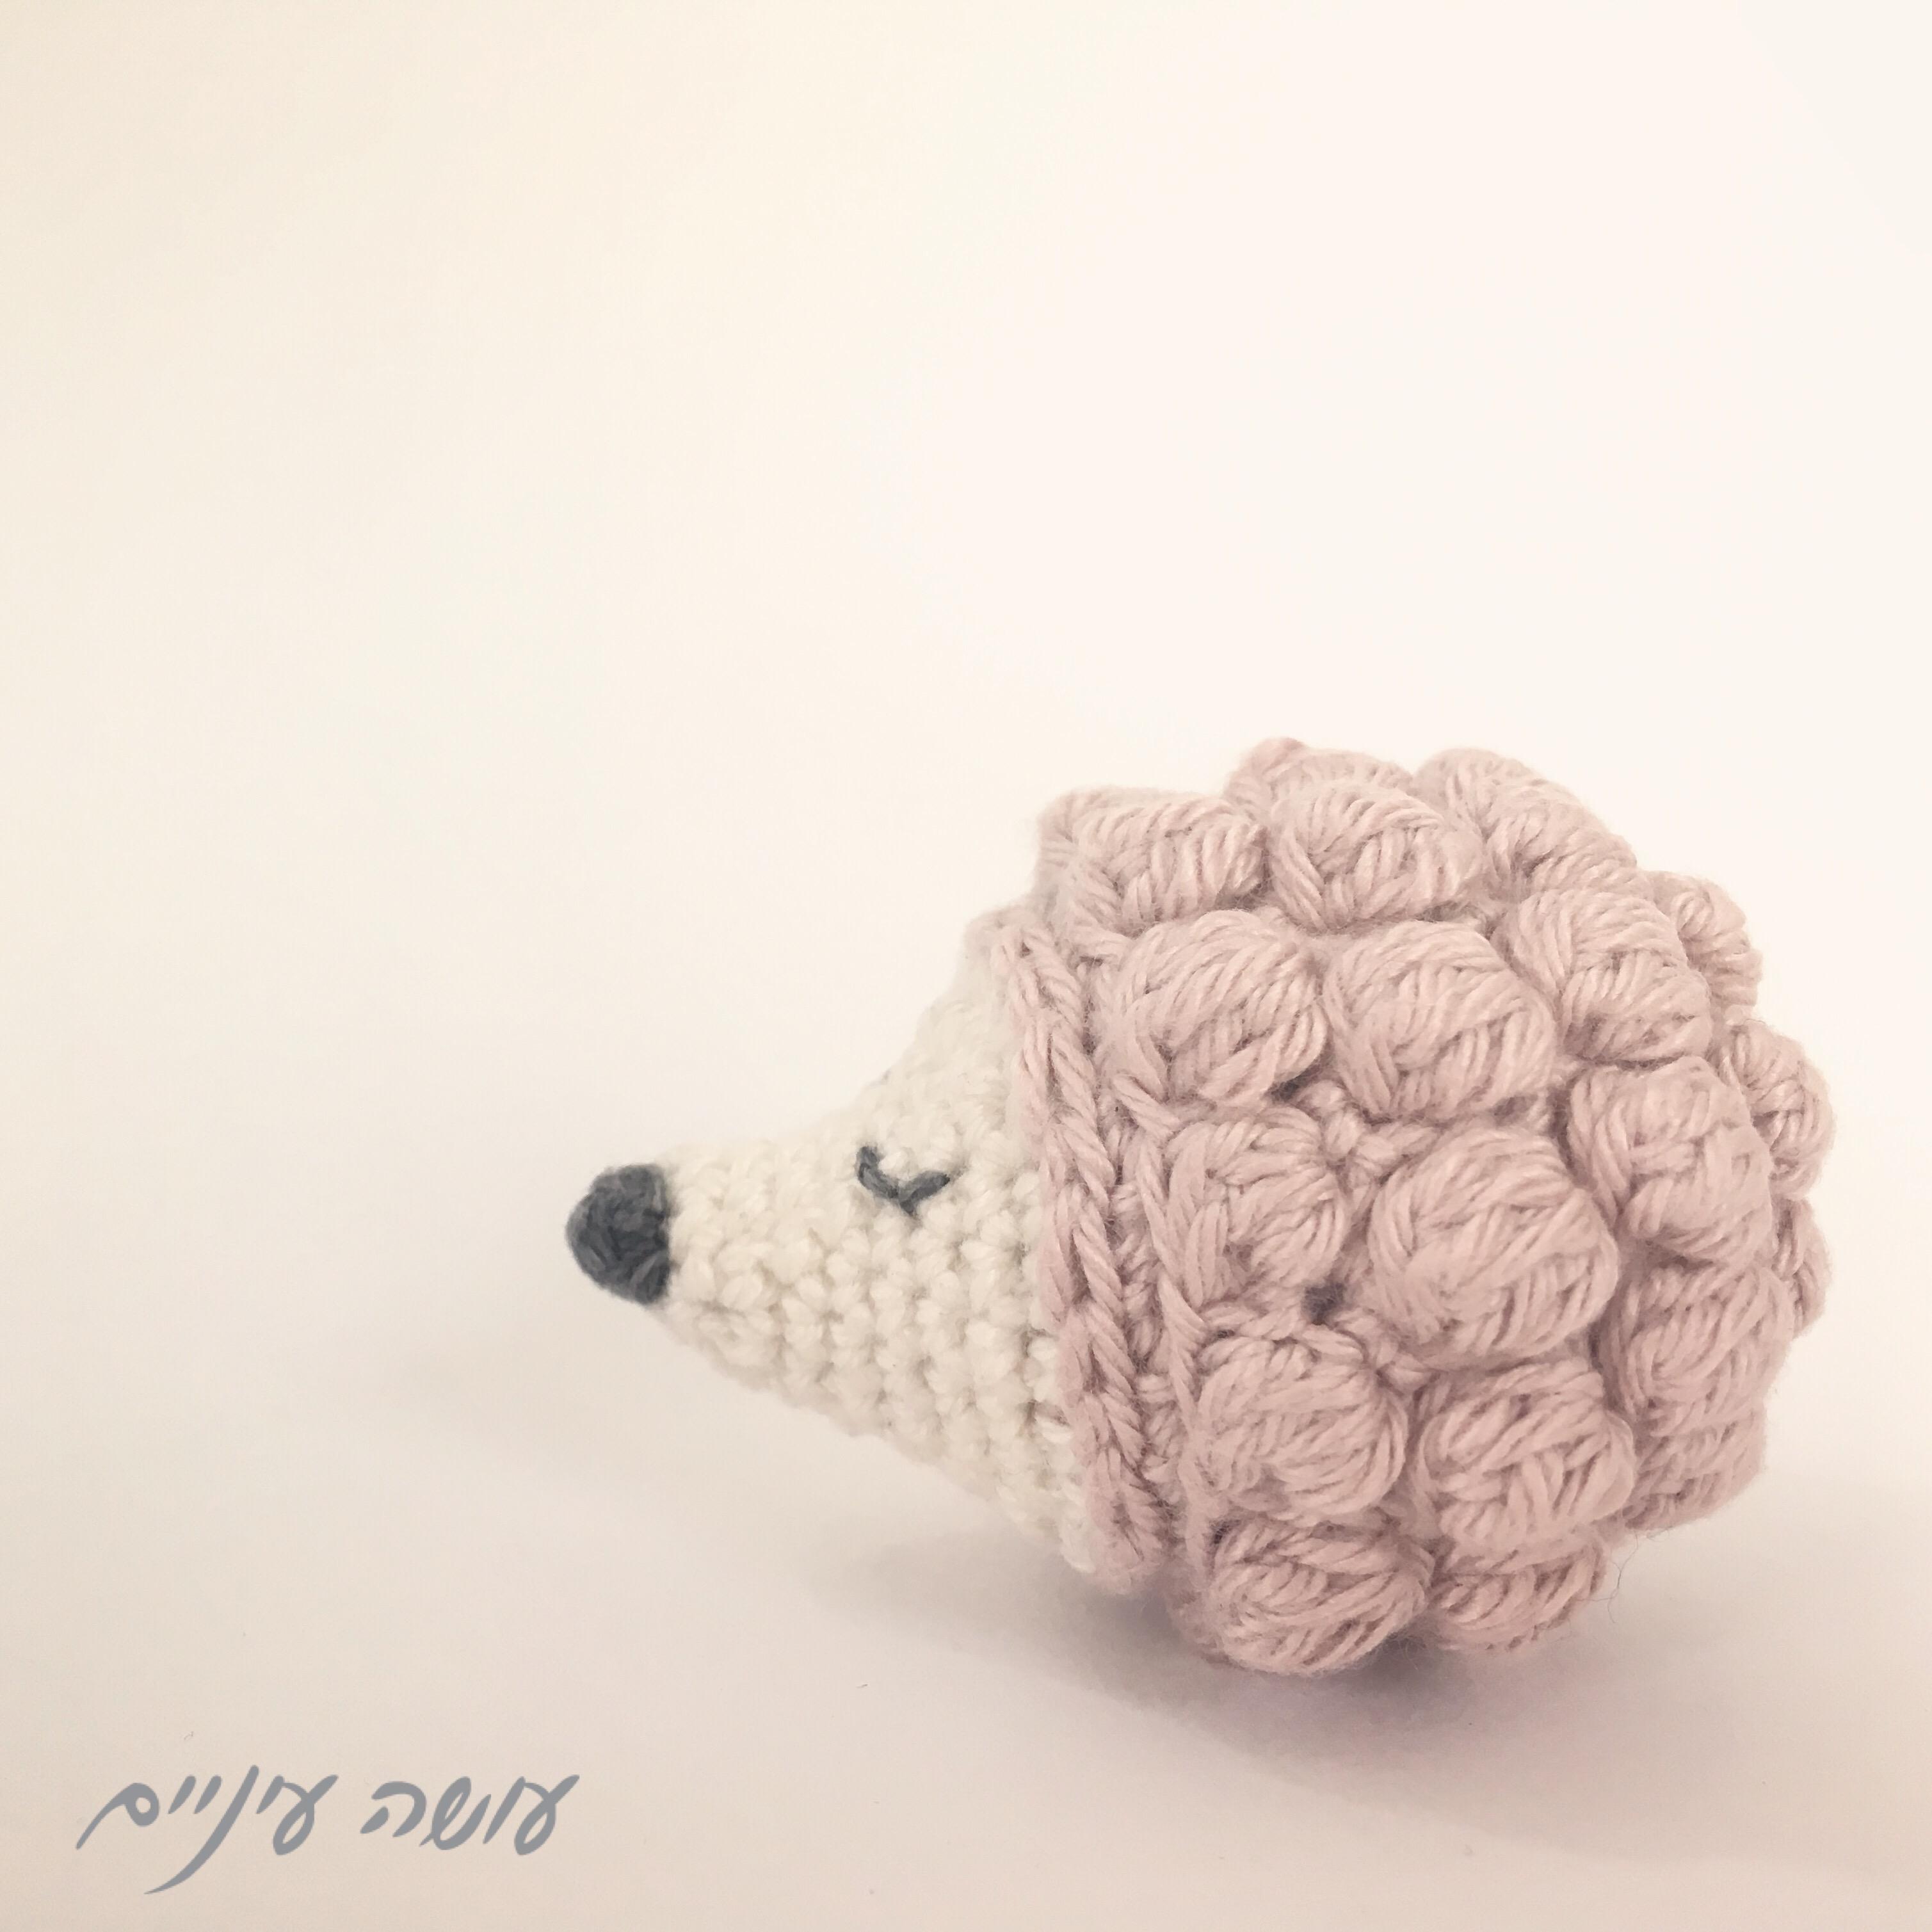 עושה עיניים - קיפוד קטן סרוג || Osa Einaim - Crochet  hedgehog